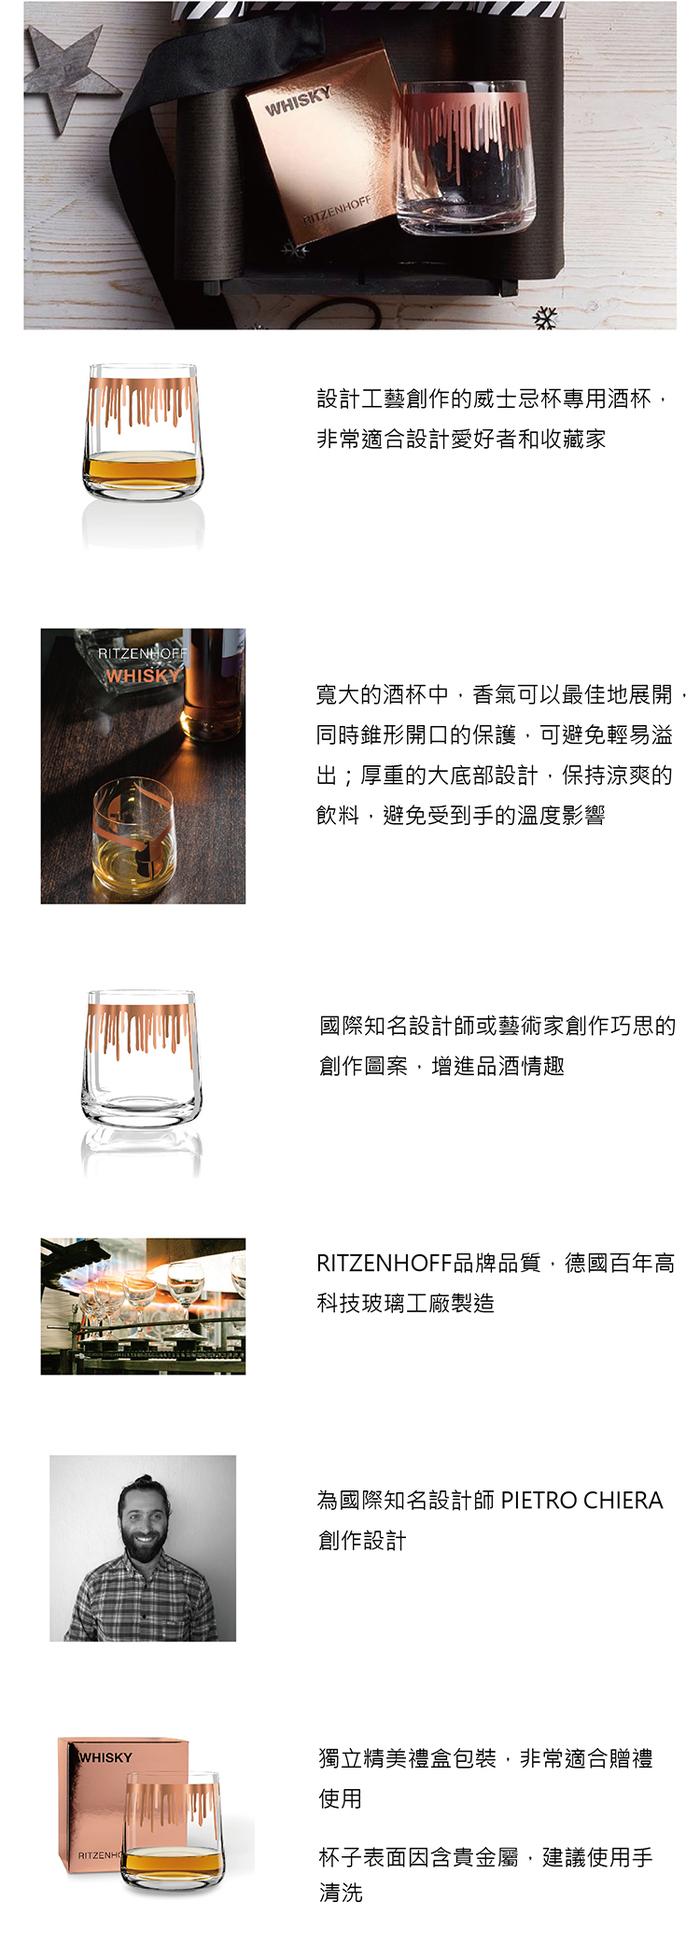 德國 RITZENHOFF 威士忌酒杯 / WHISKY 閃耀酒淚